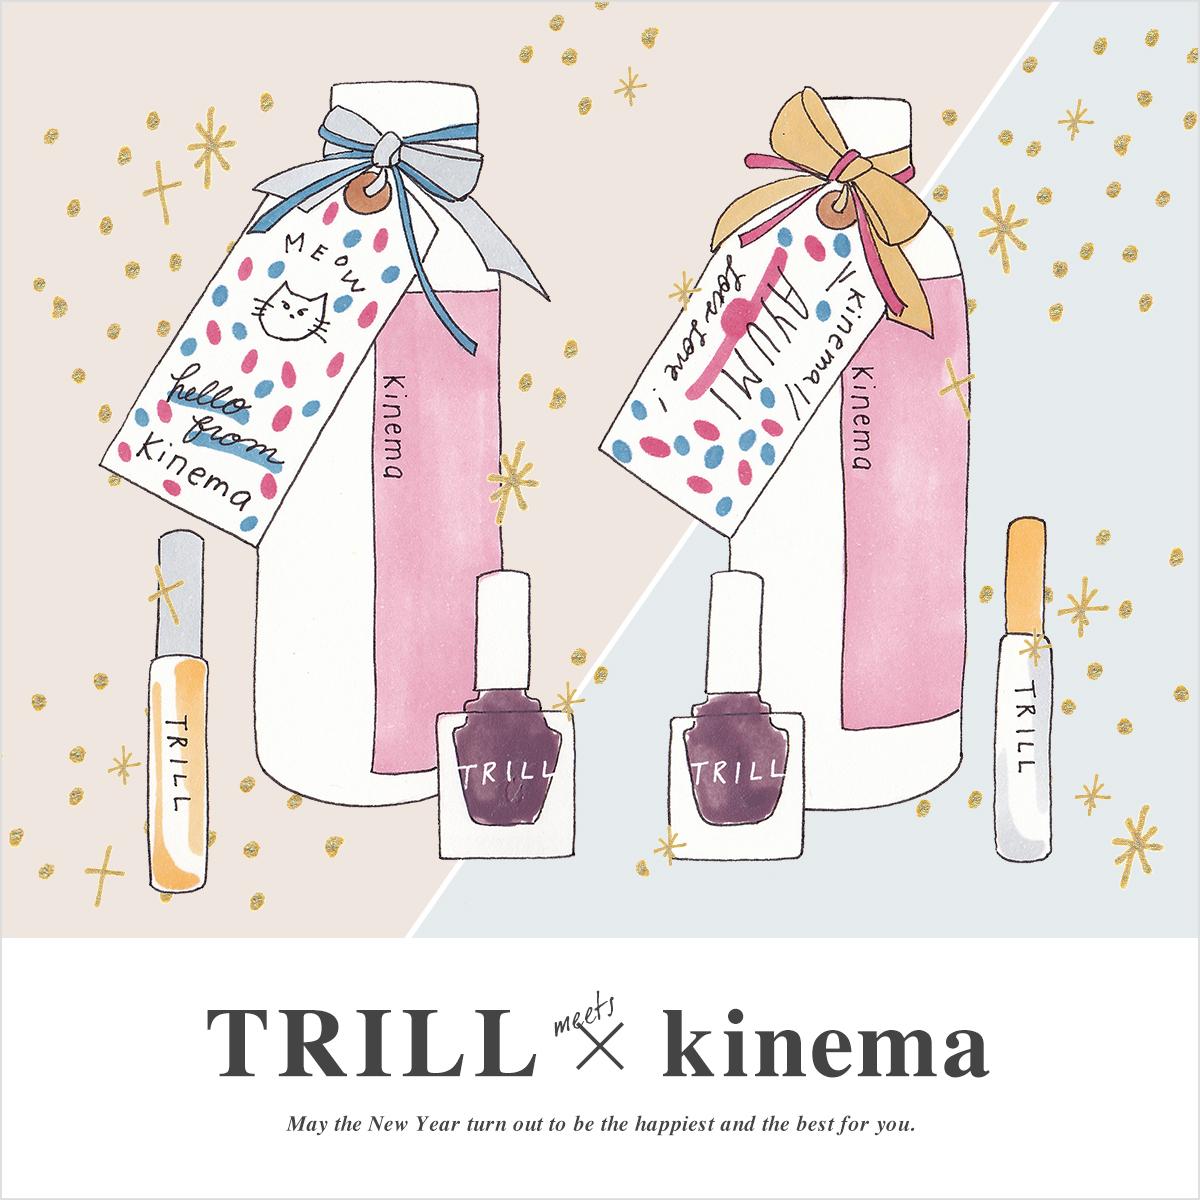 《NEW YEARキャンペーン》インスタで話題のkinema化粧水とTRILLのネイルグッズをプレゼント!